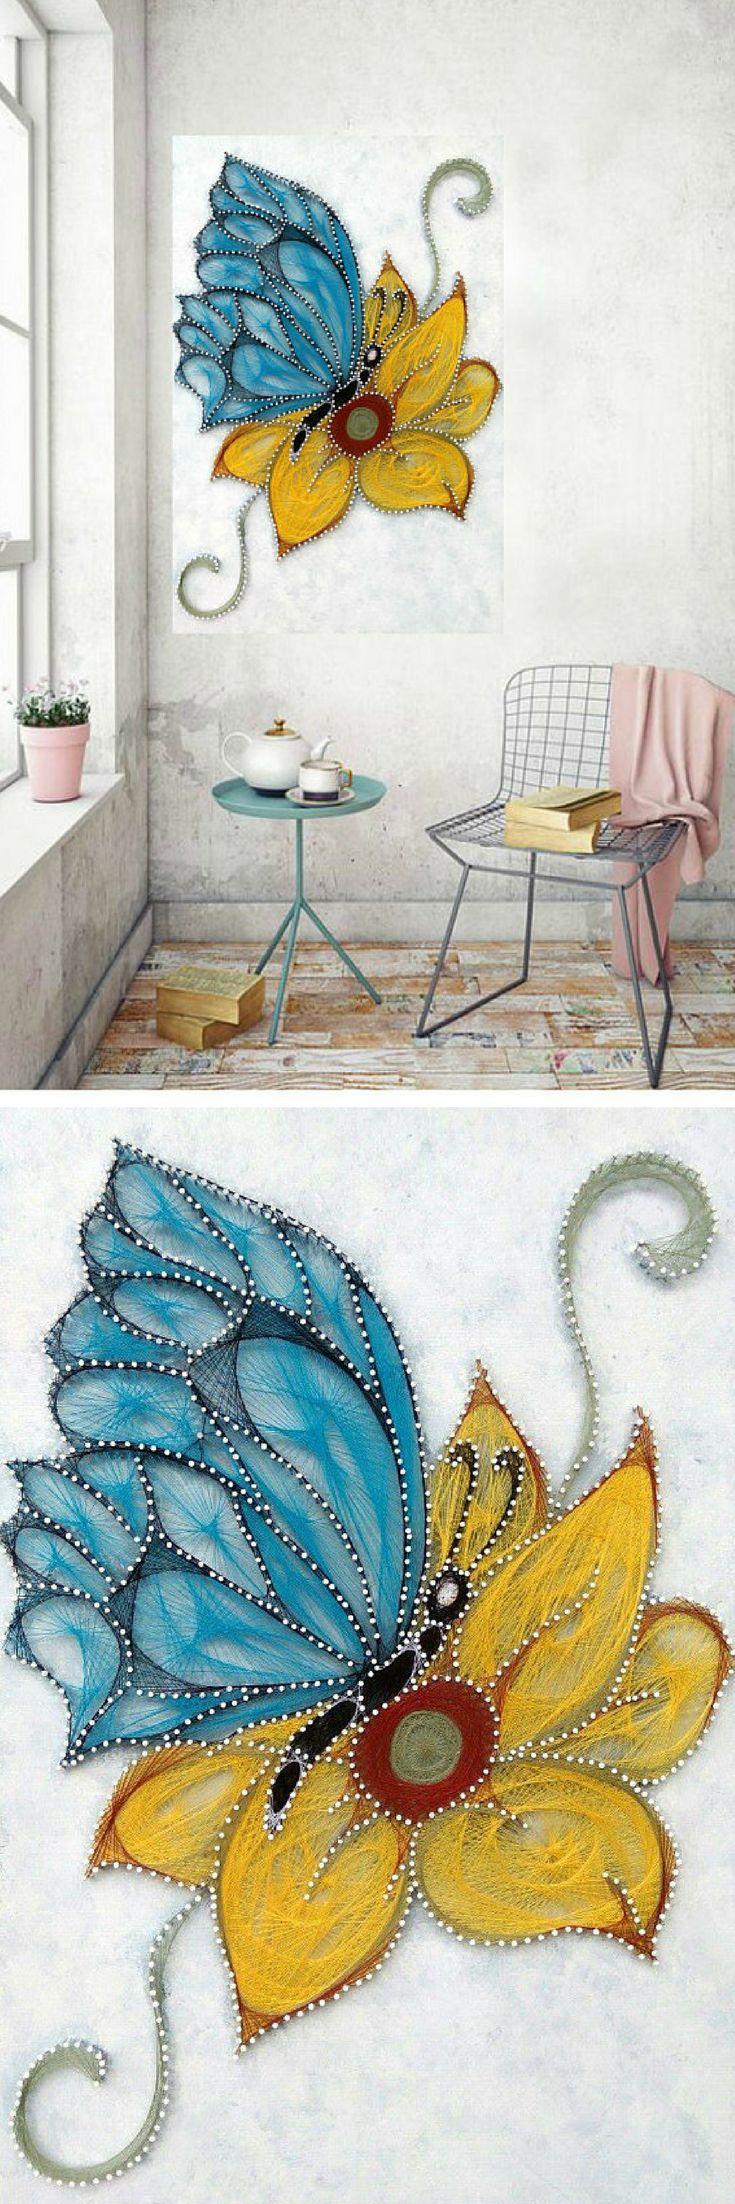 Butterfly on sunflower string art stringart ad